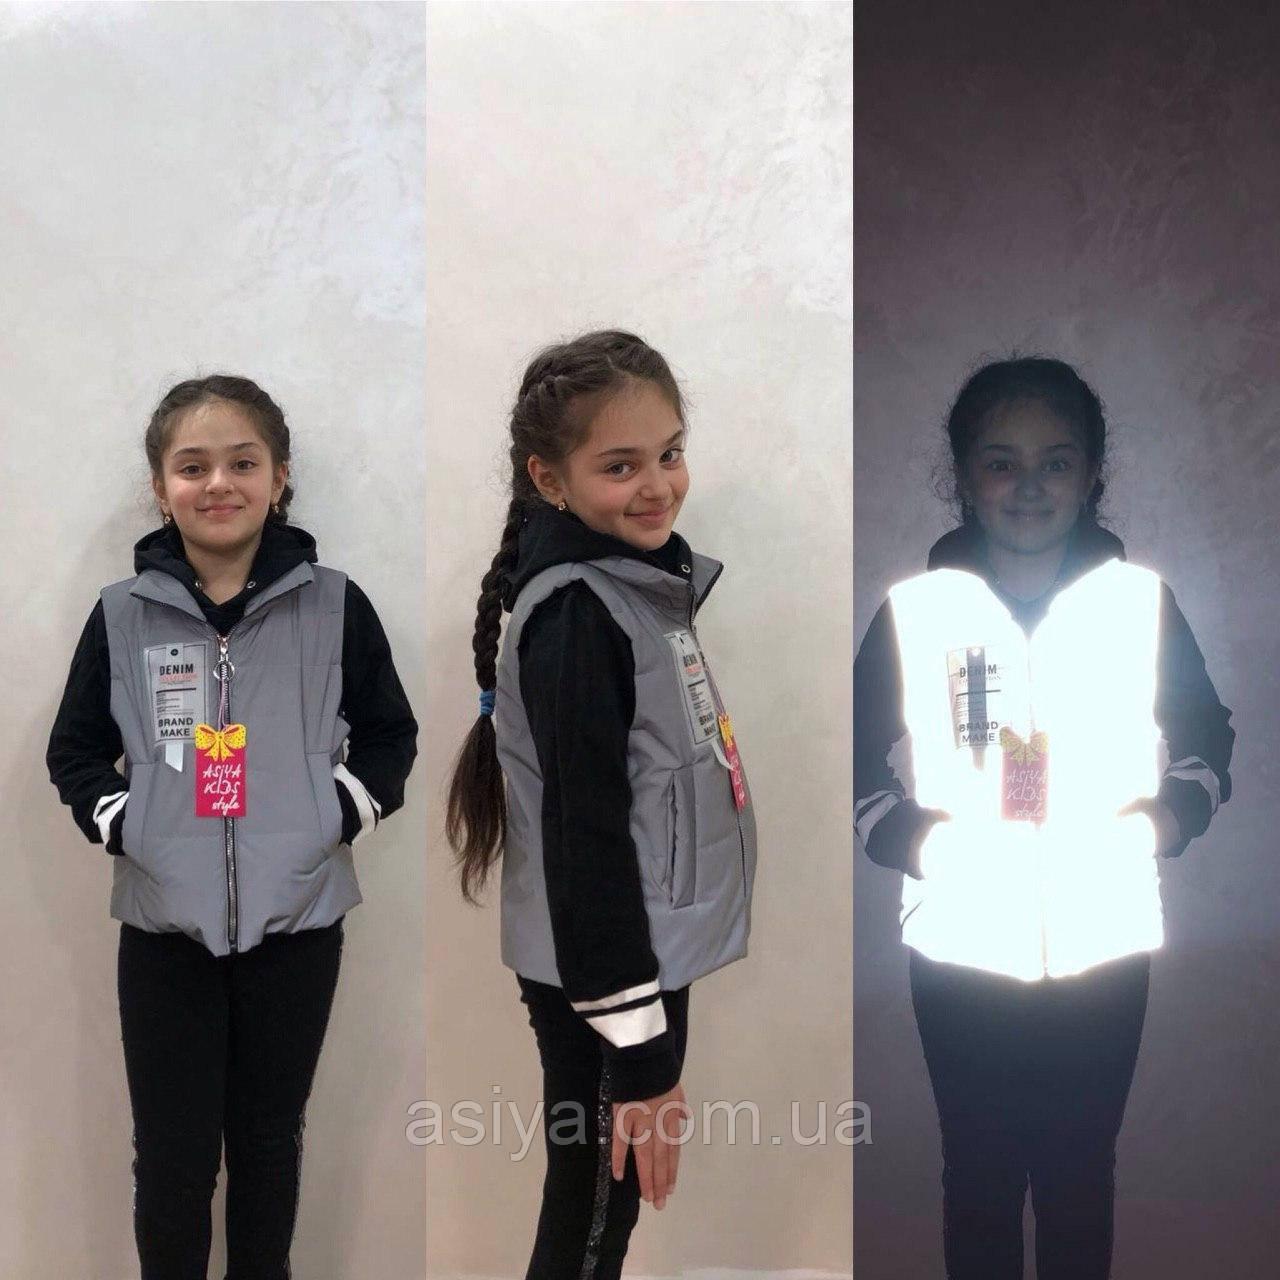 Жилетка для девочки светоотражающая